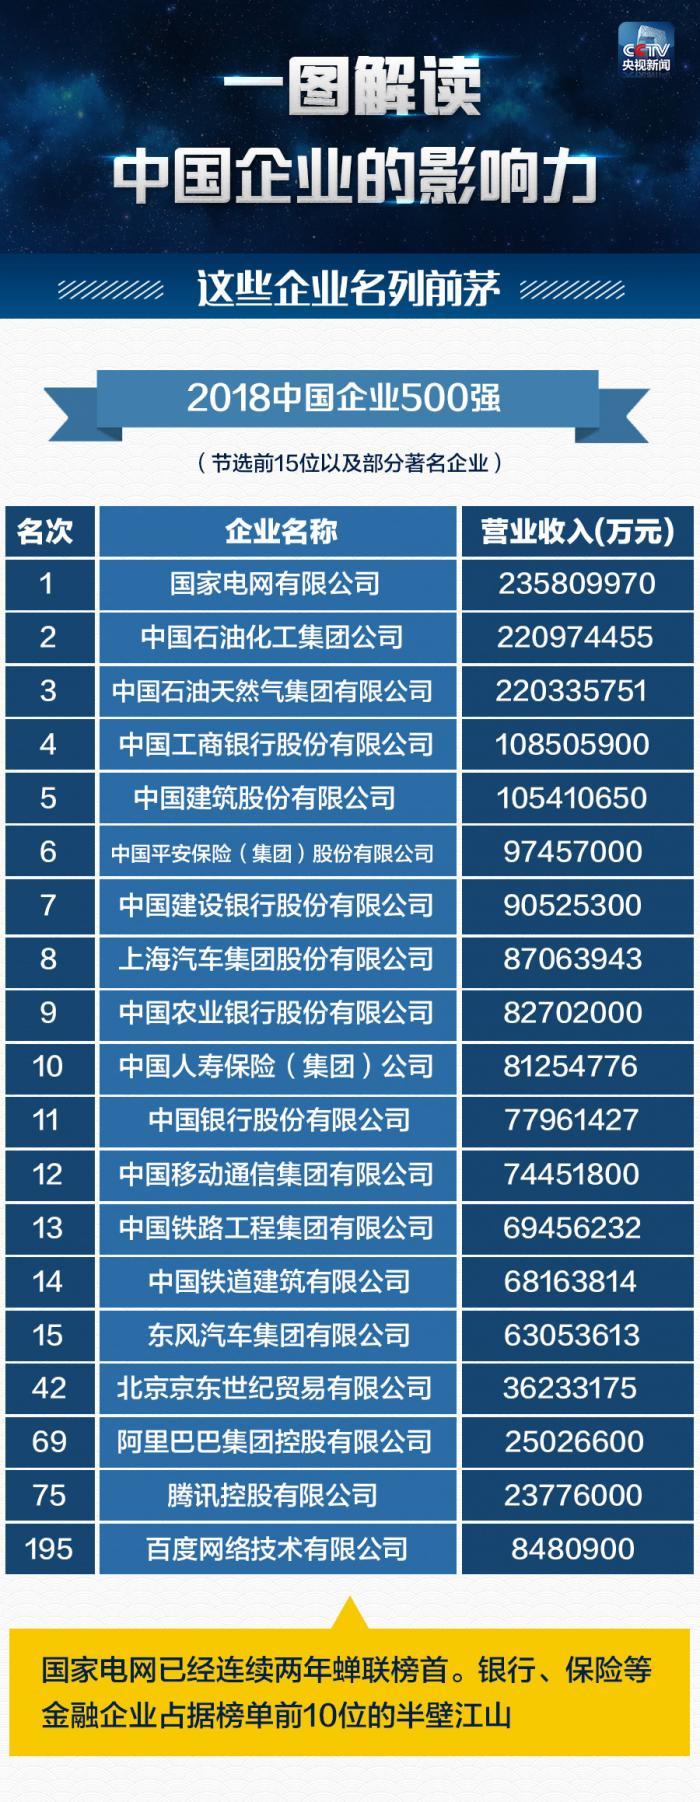 2018年中国企业500强新鲜出炉,你在的公司上榜了吗?